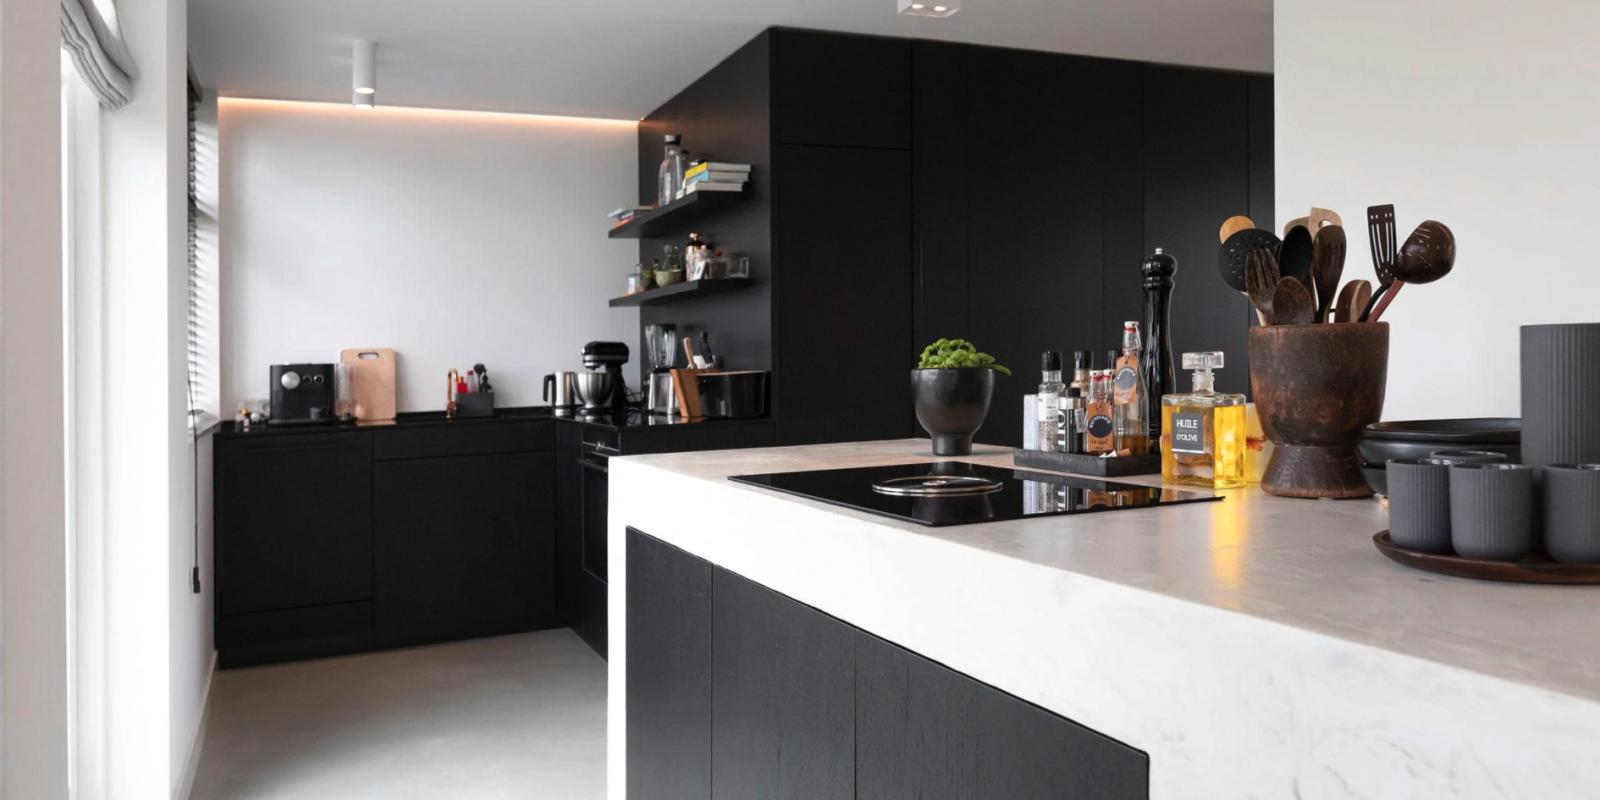 Keuken Op Maat Door Atelier 19 Delft